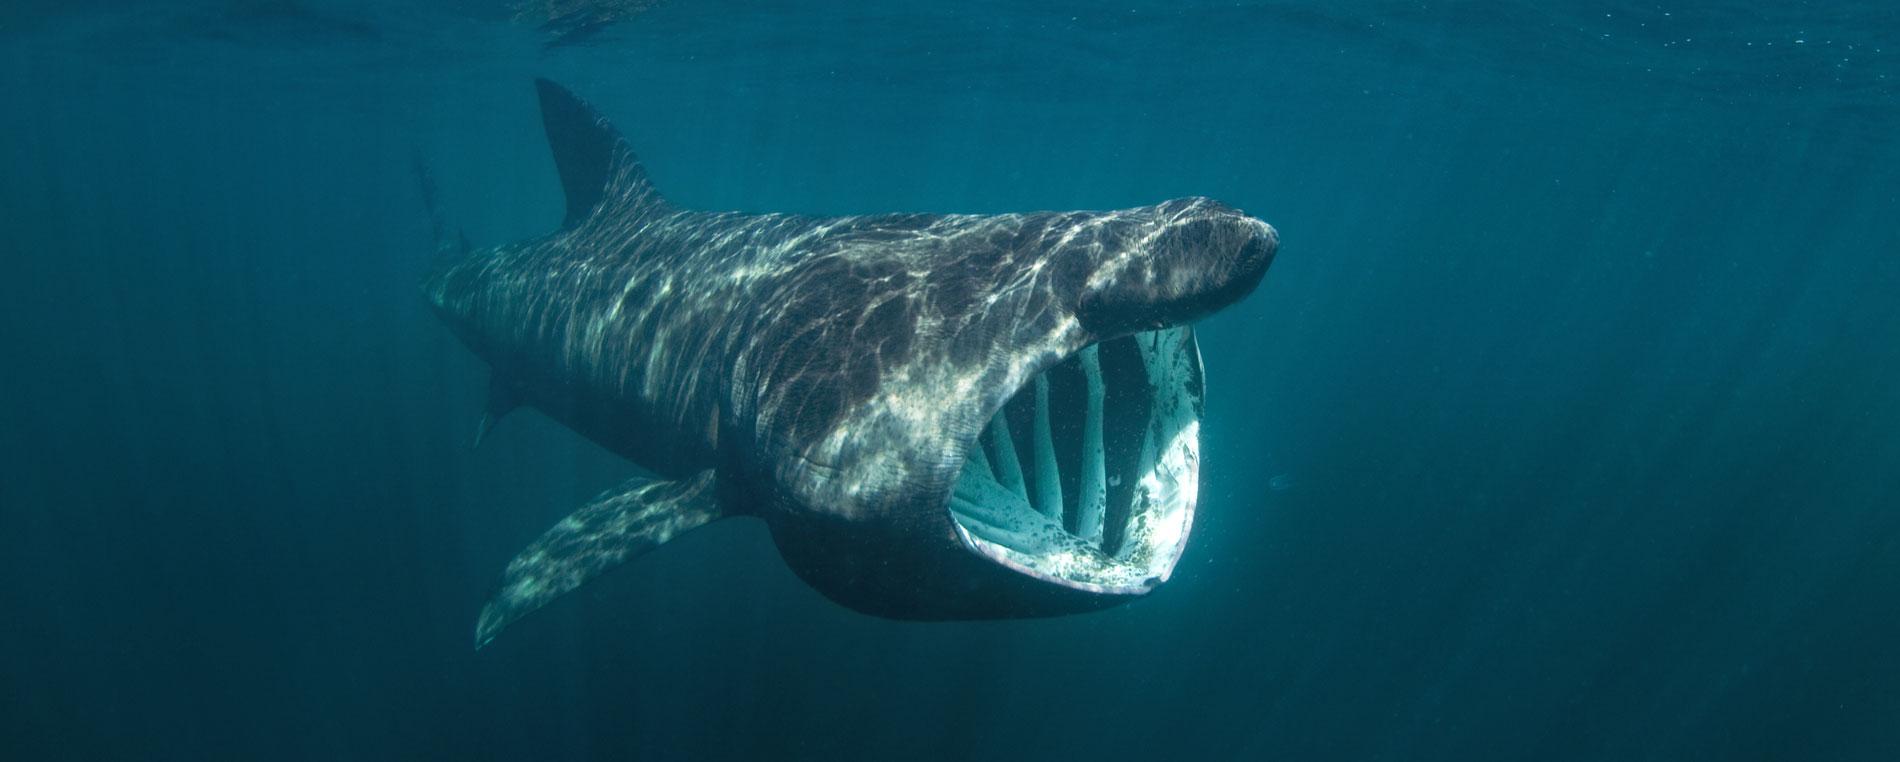 Le requin pèlerin, visiteur régulier des Glénan